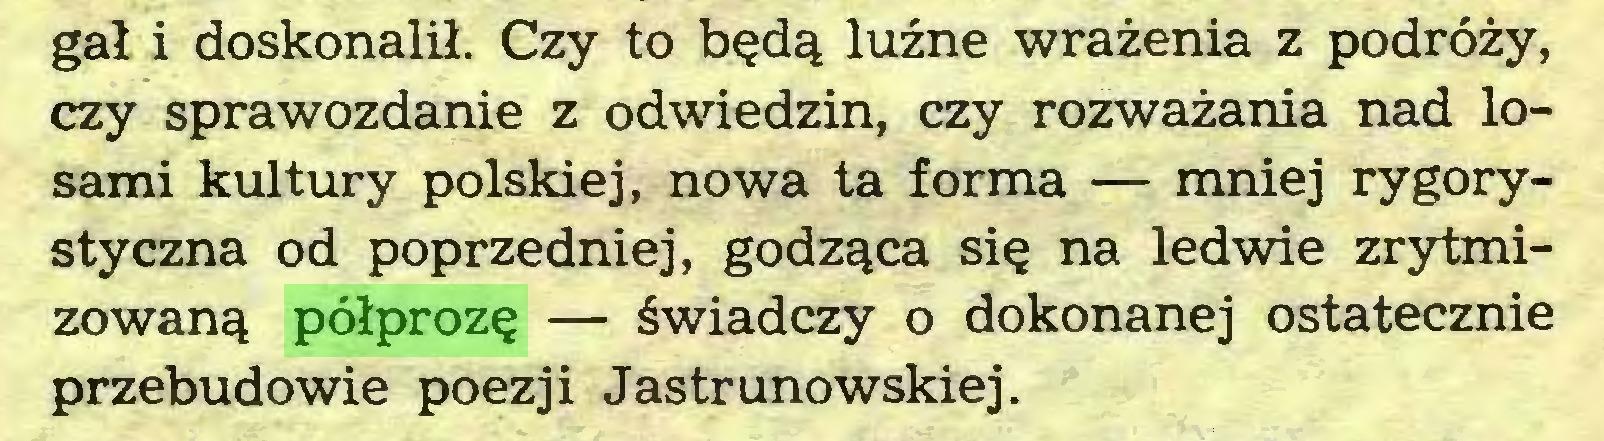 (...) gał i doskonalił. Czy to będą luźne wrażenia z podróży, czy sprawozdanie z odwiedzin, czy rozważania nad losami kultury polskiej, nowa ta forma — mniej rygorystyczna od poprzedniej, godząca się na ledwie zrytmizowaną półprozę — świadczy o dokonanej ostatecznie przebudowie poezji Jastrunowskiej...